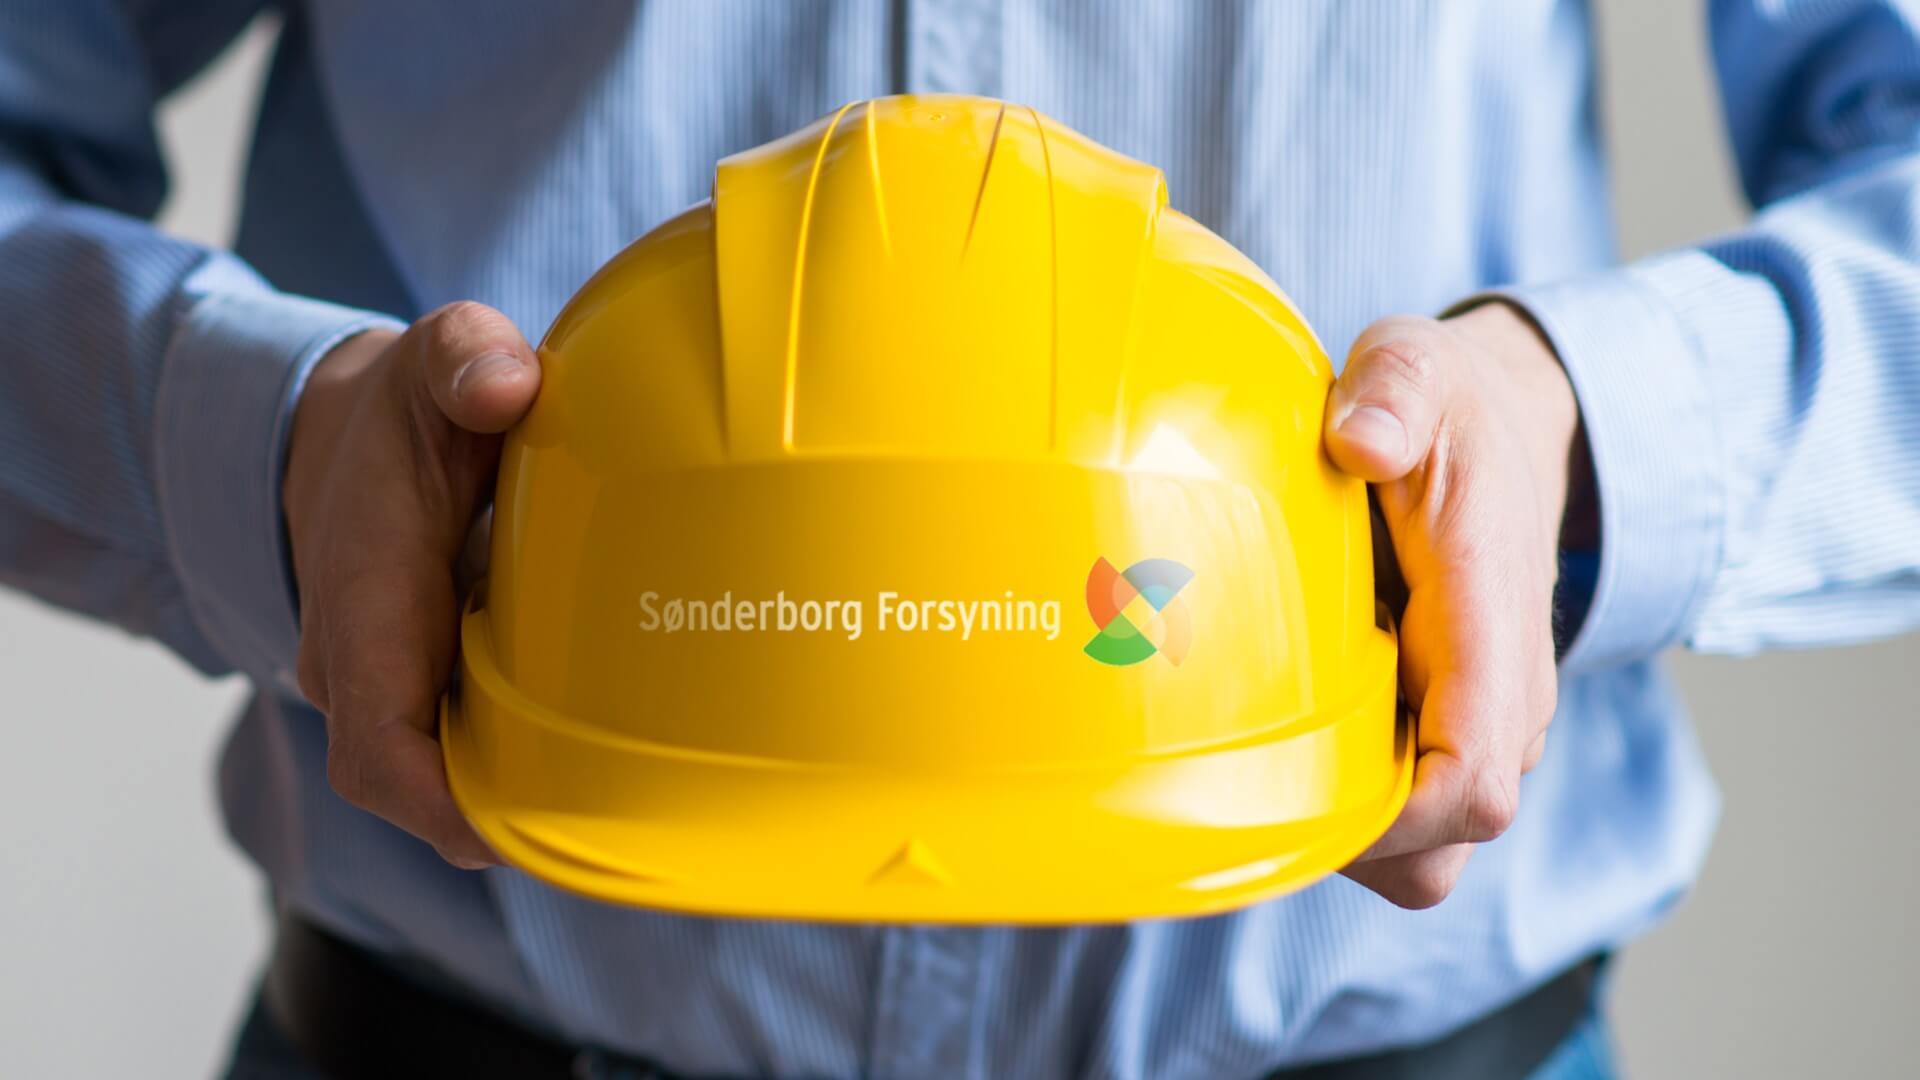 Jobs i sønderborg